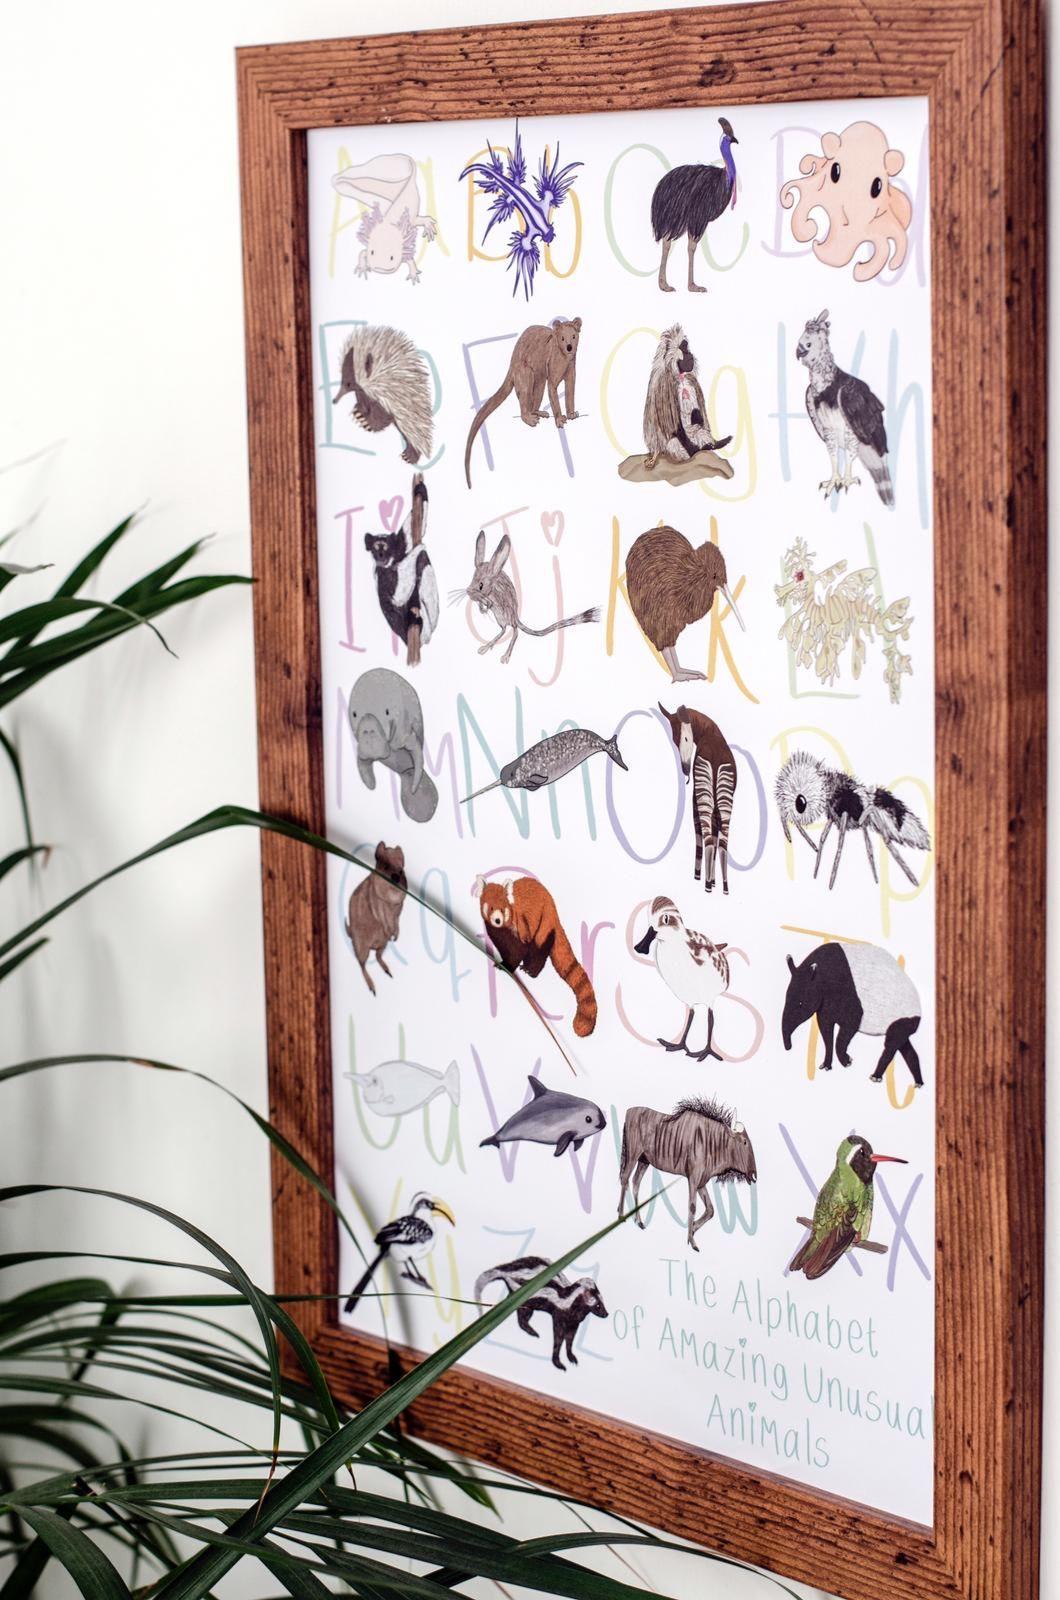 Amazing Animals Alphabet Poster